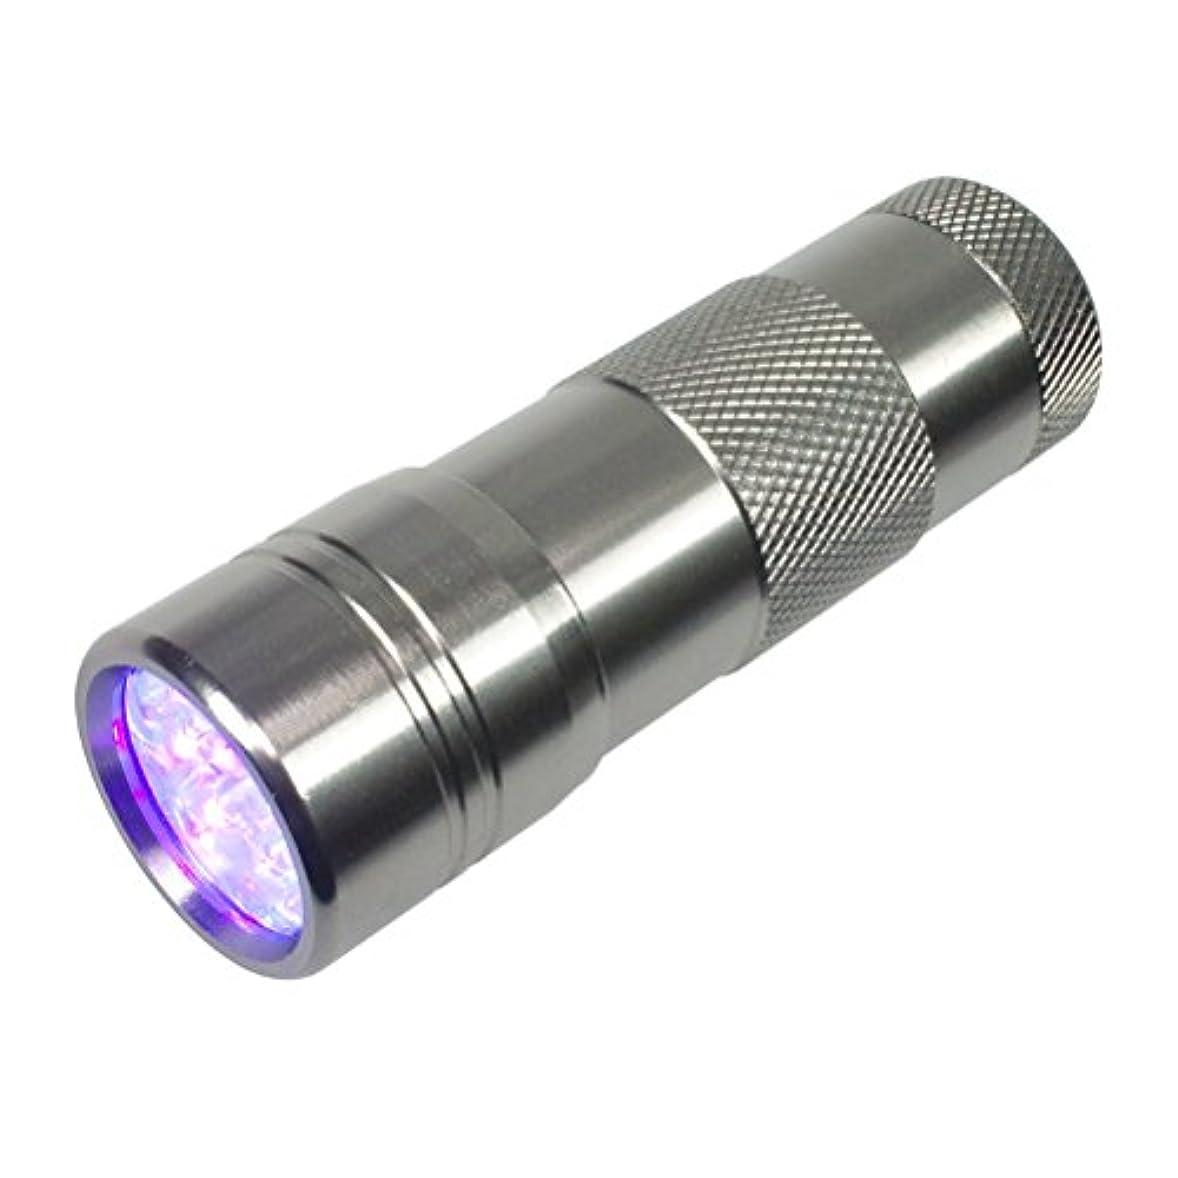 批判的に温かい初心者ジェルネイル用UVライト ペン型LEDライト ミニサイズ 携帯用ハンディライト 超高速硬化 ジェルネイル用